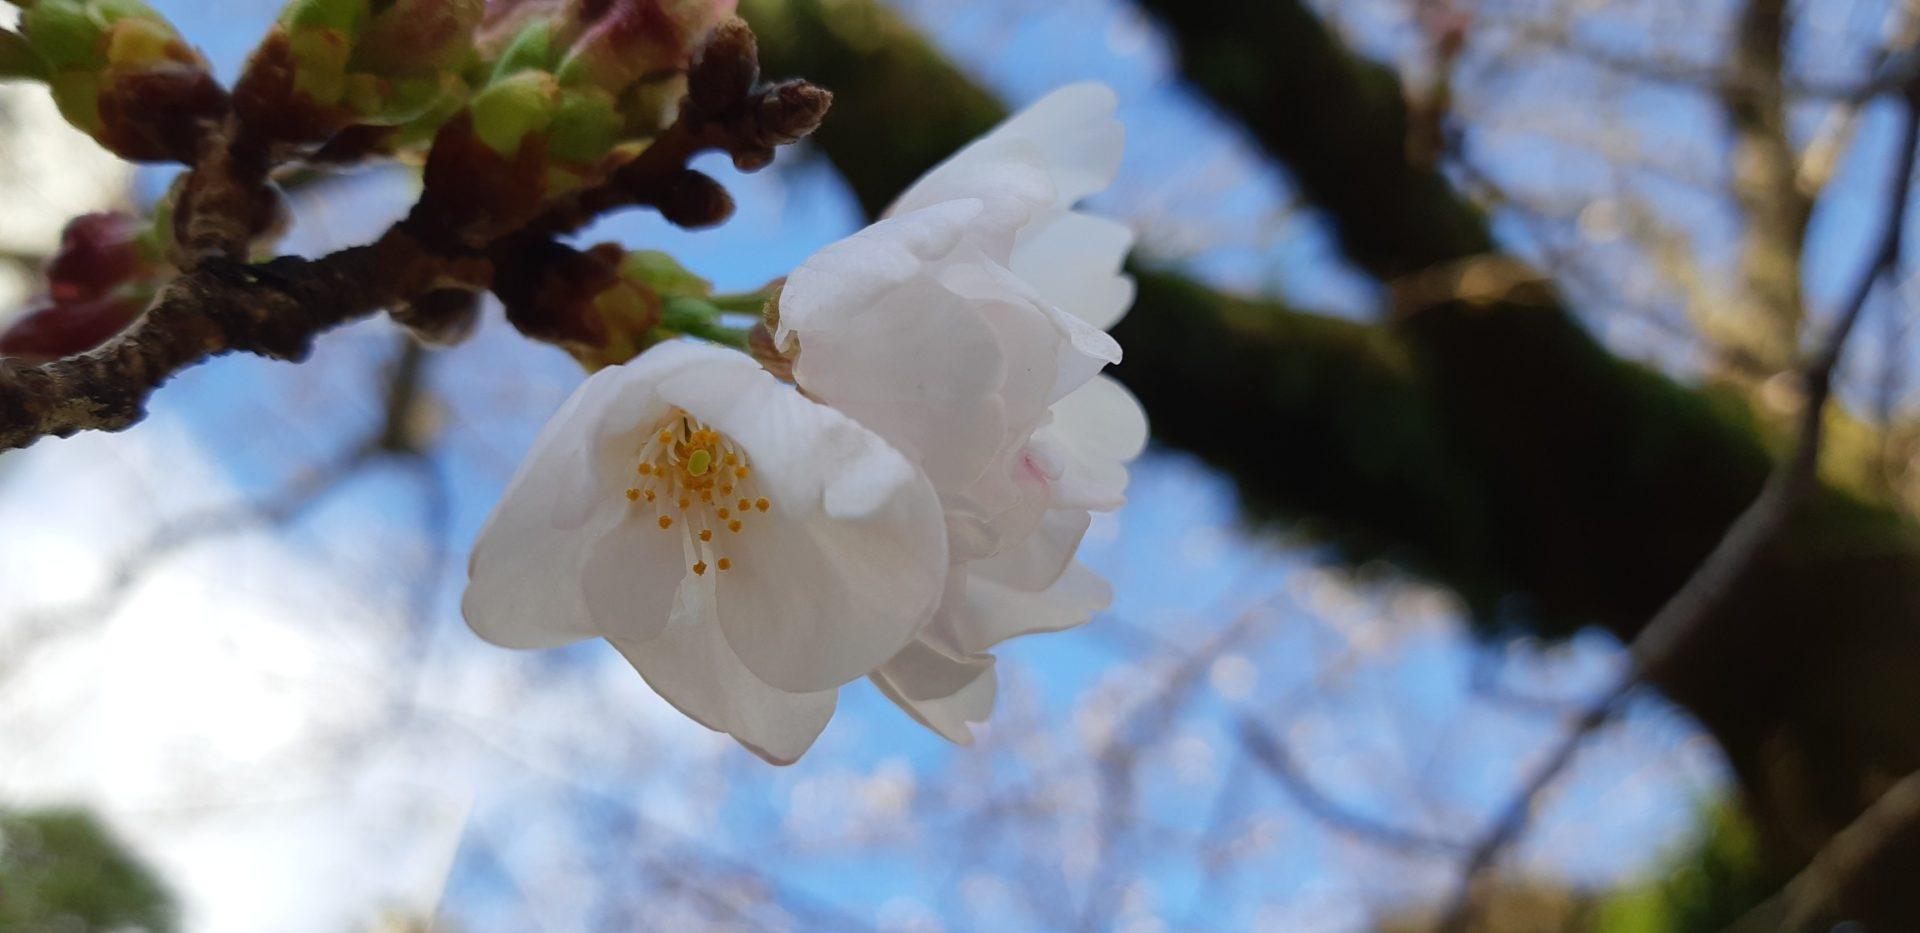 染井吉野が3~4分咲きです。~3月18日(水)『大湯間欠泉前』